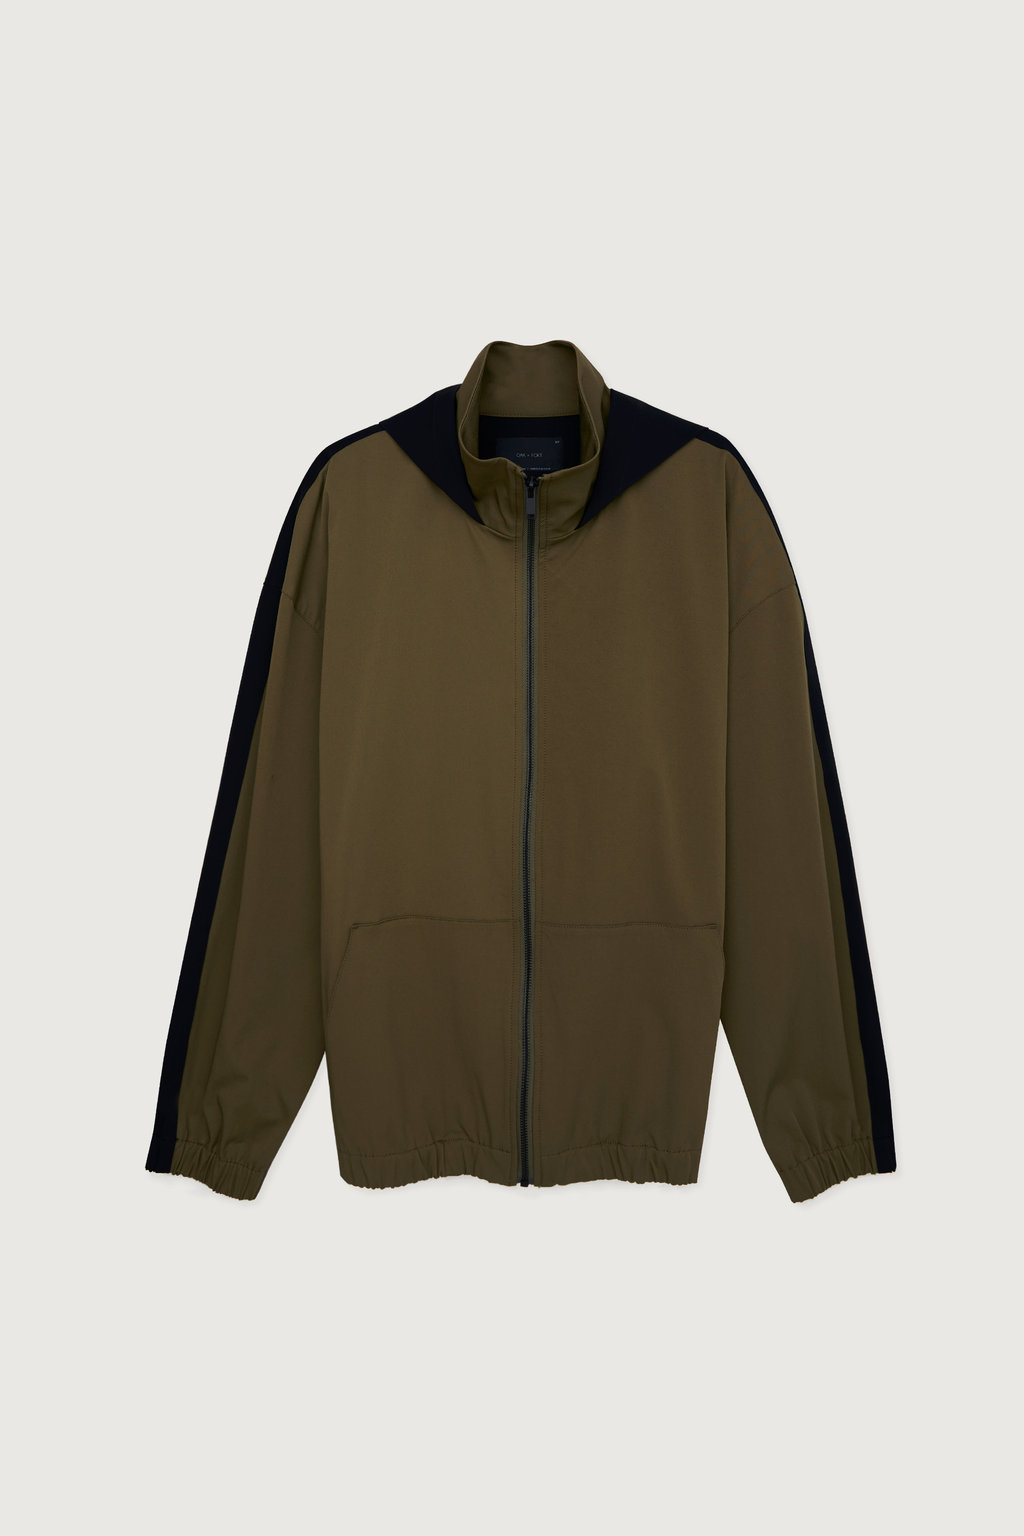 Jacket 3015 Olive 5